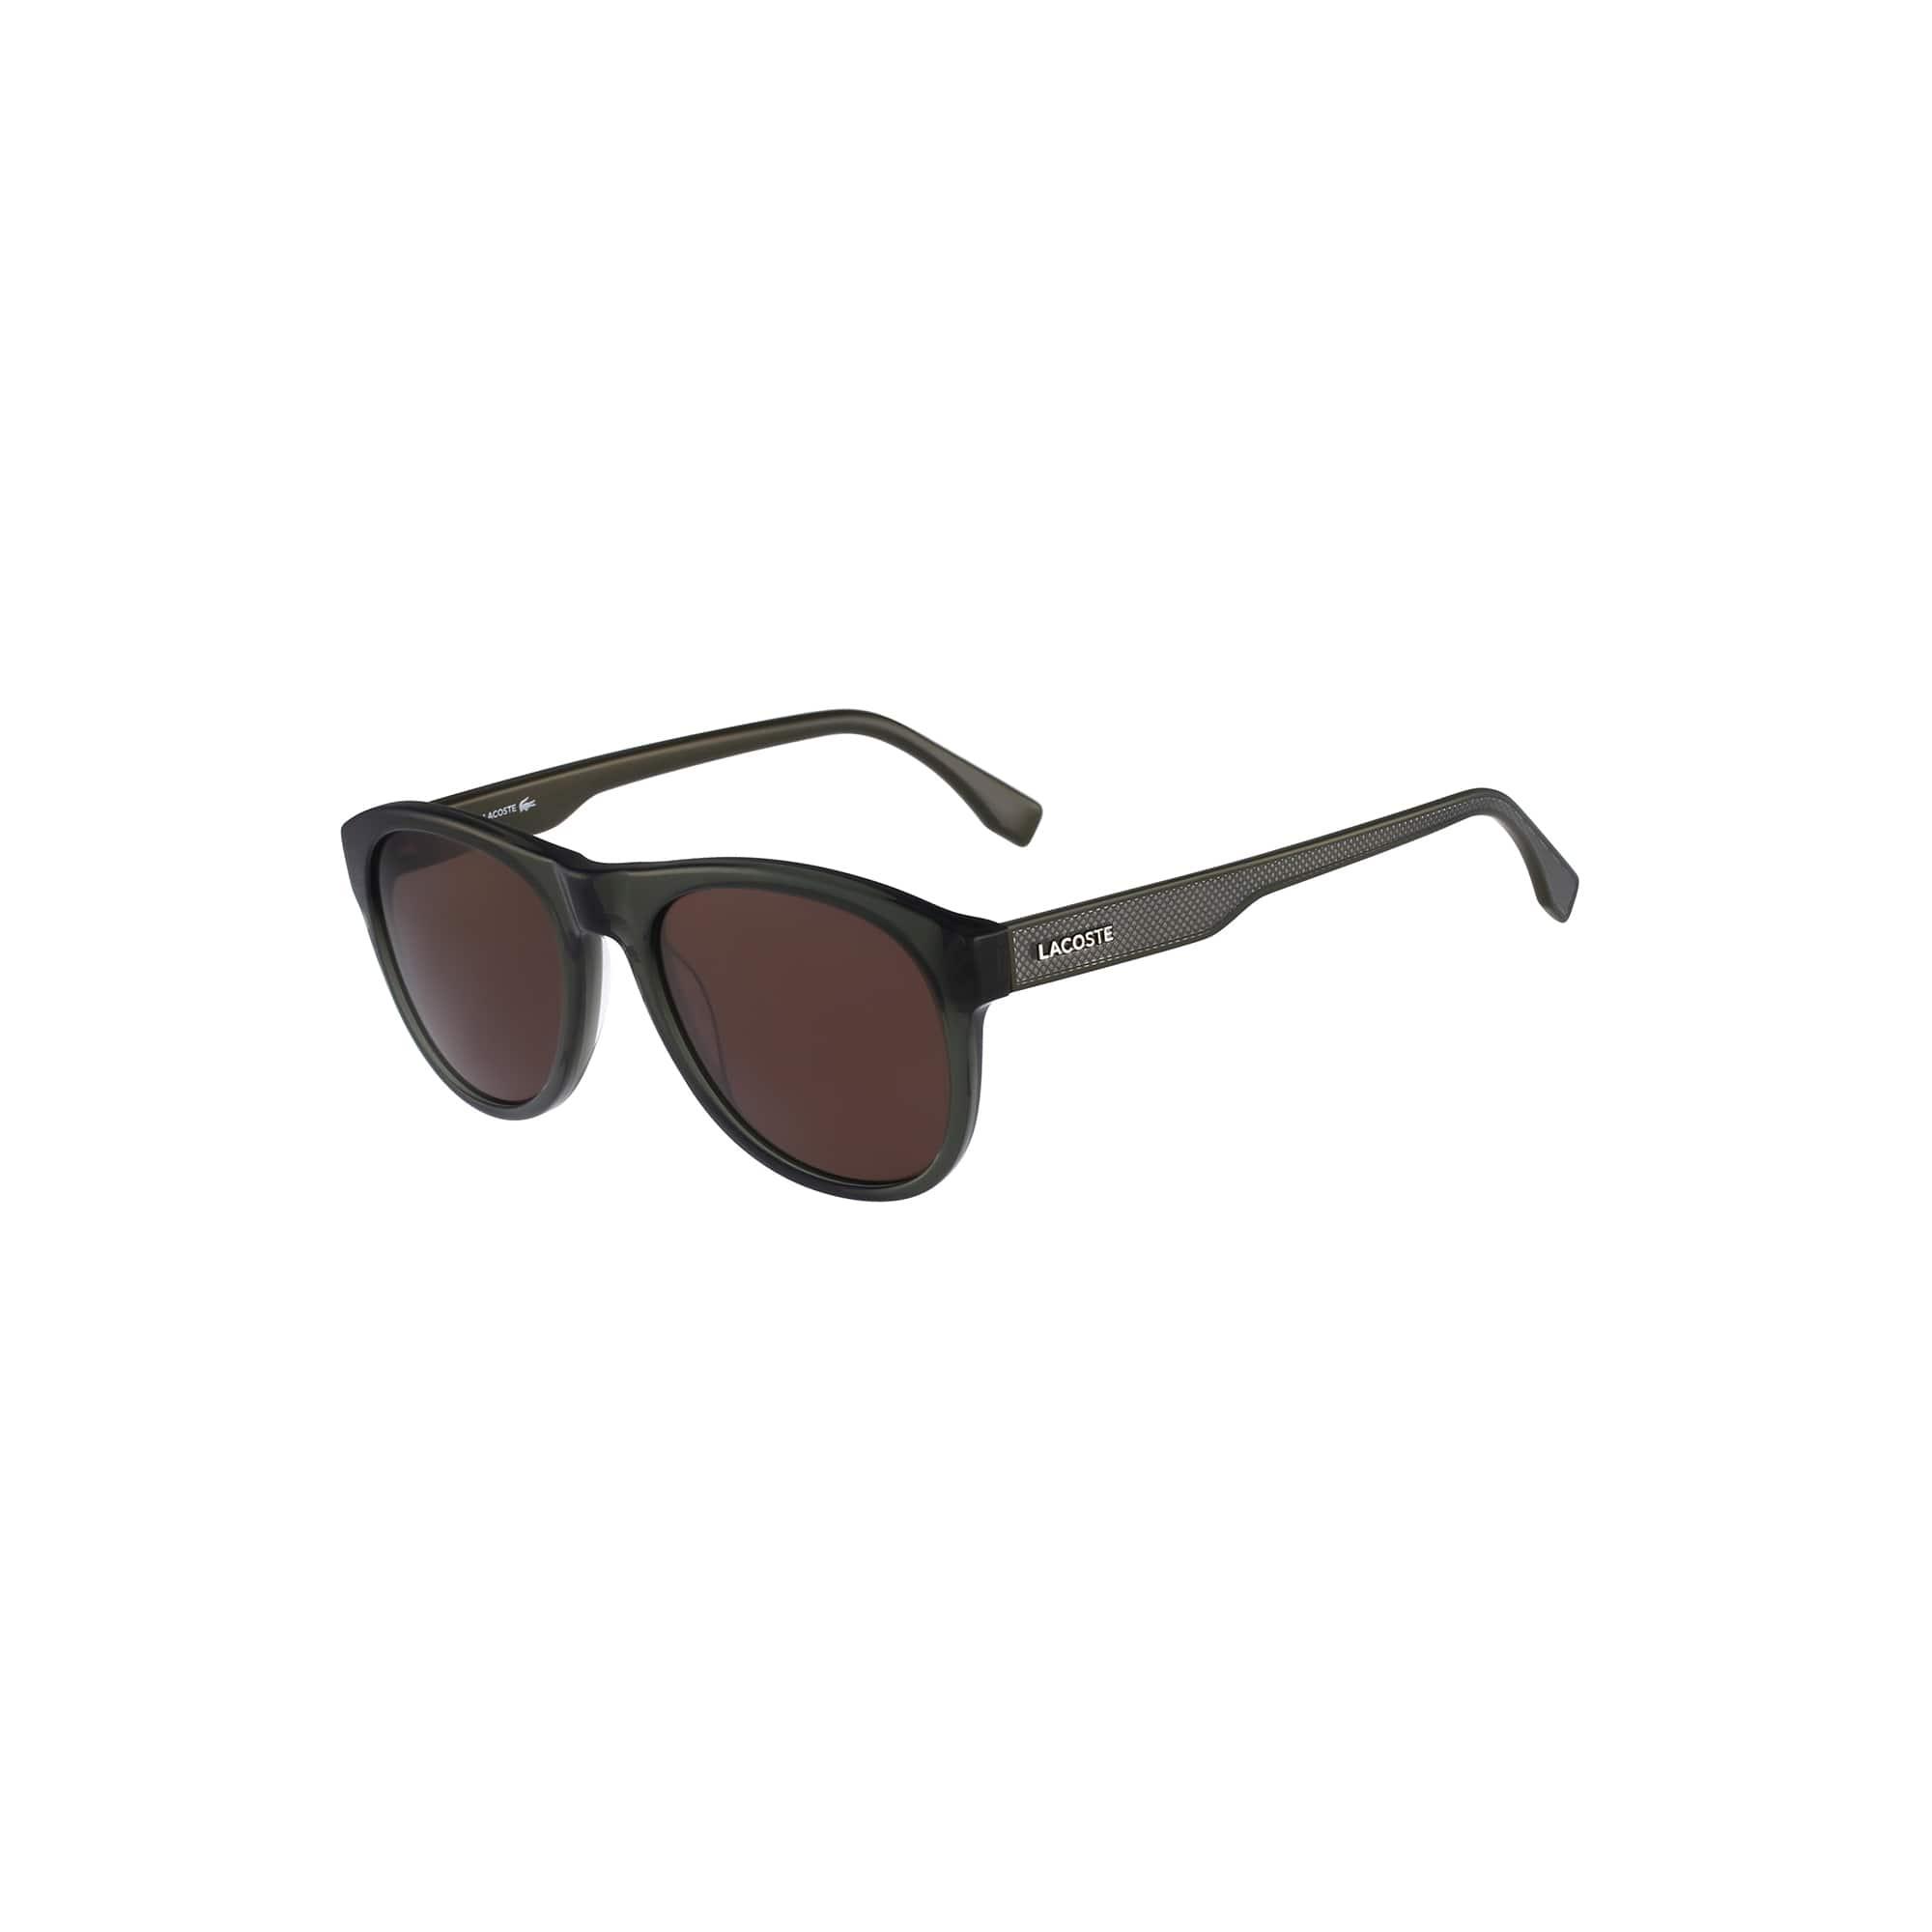 06842f066279 Women s Round Piqué Sunglasses. N A. Comment